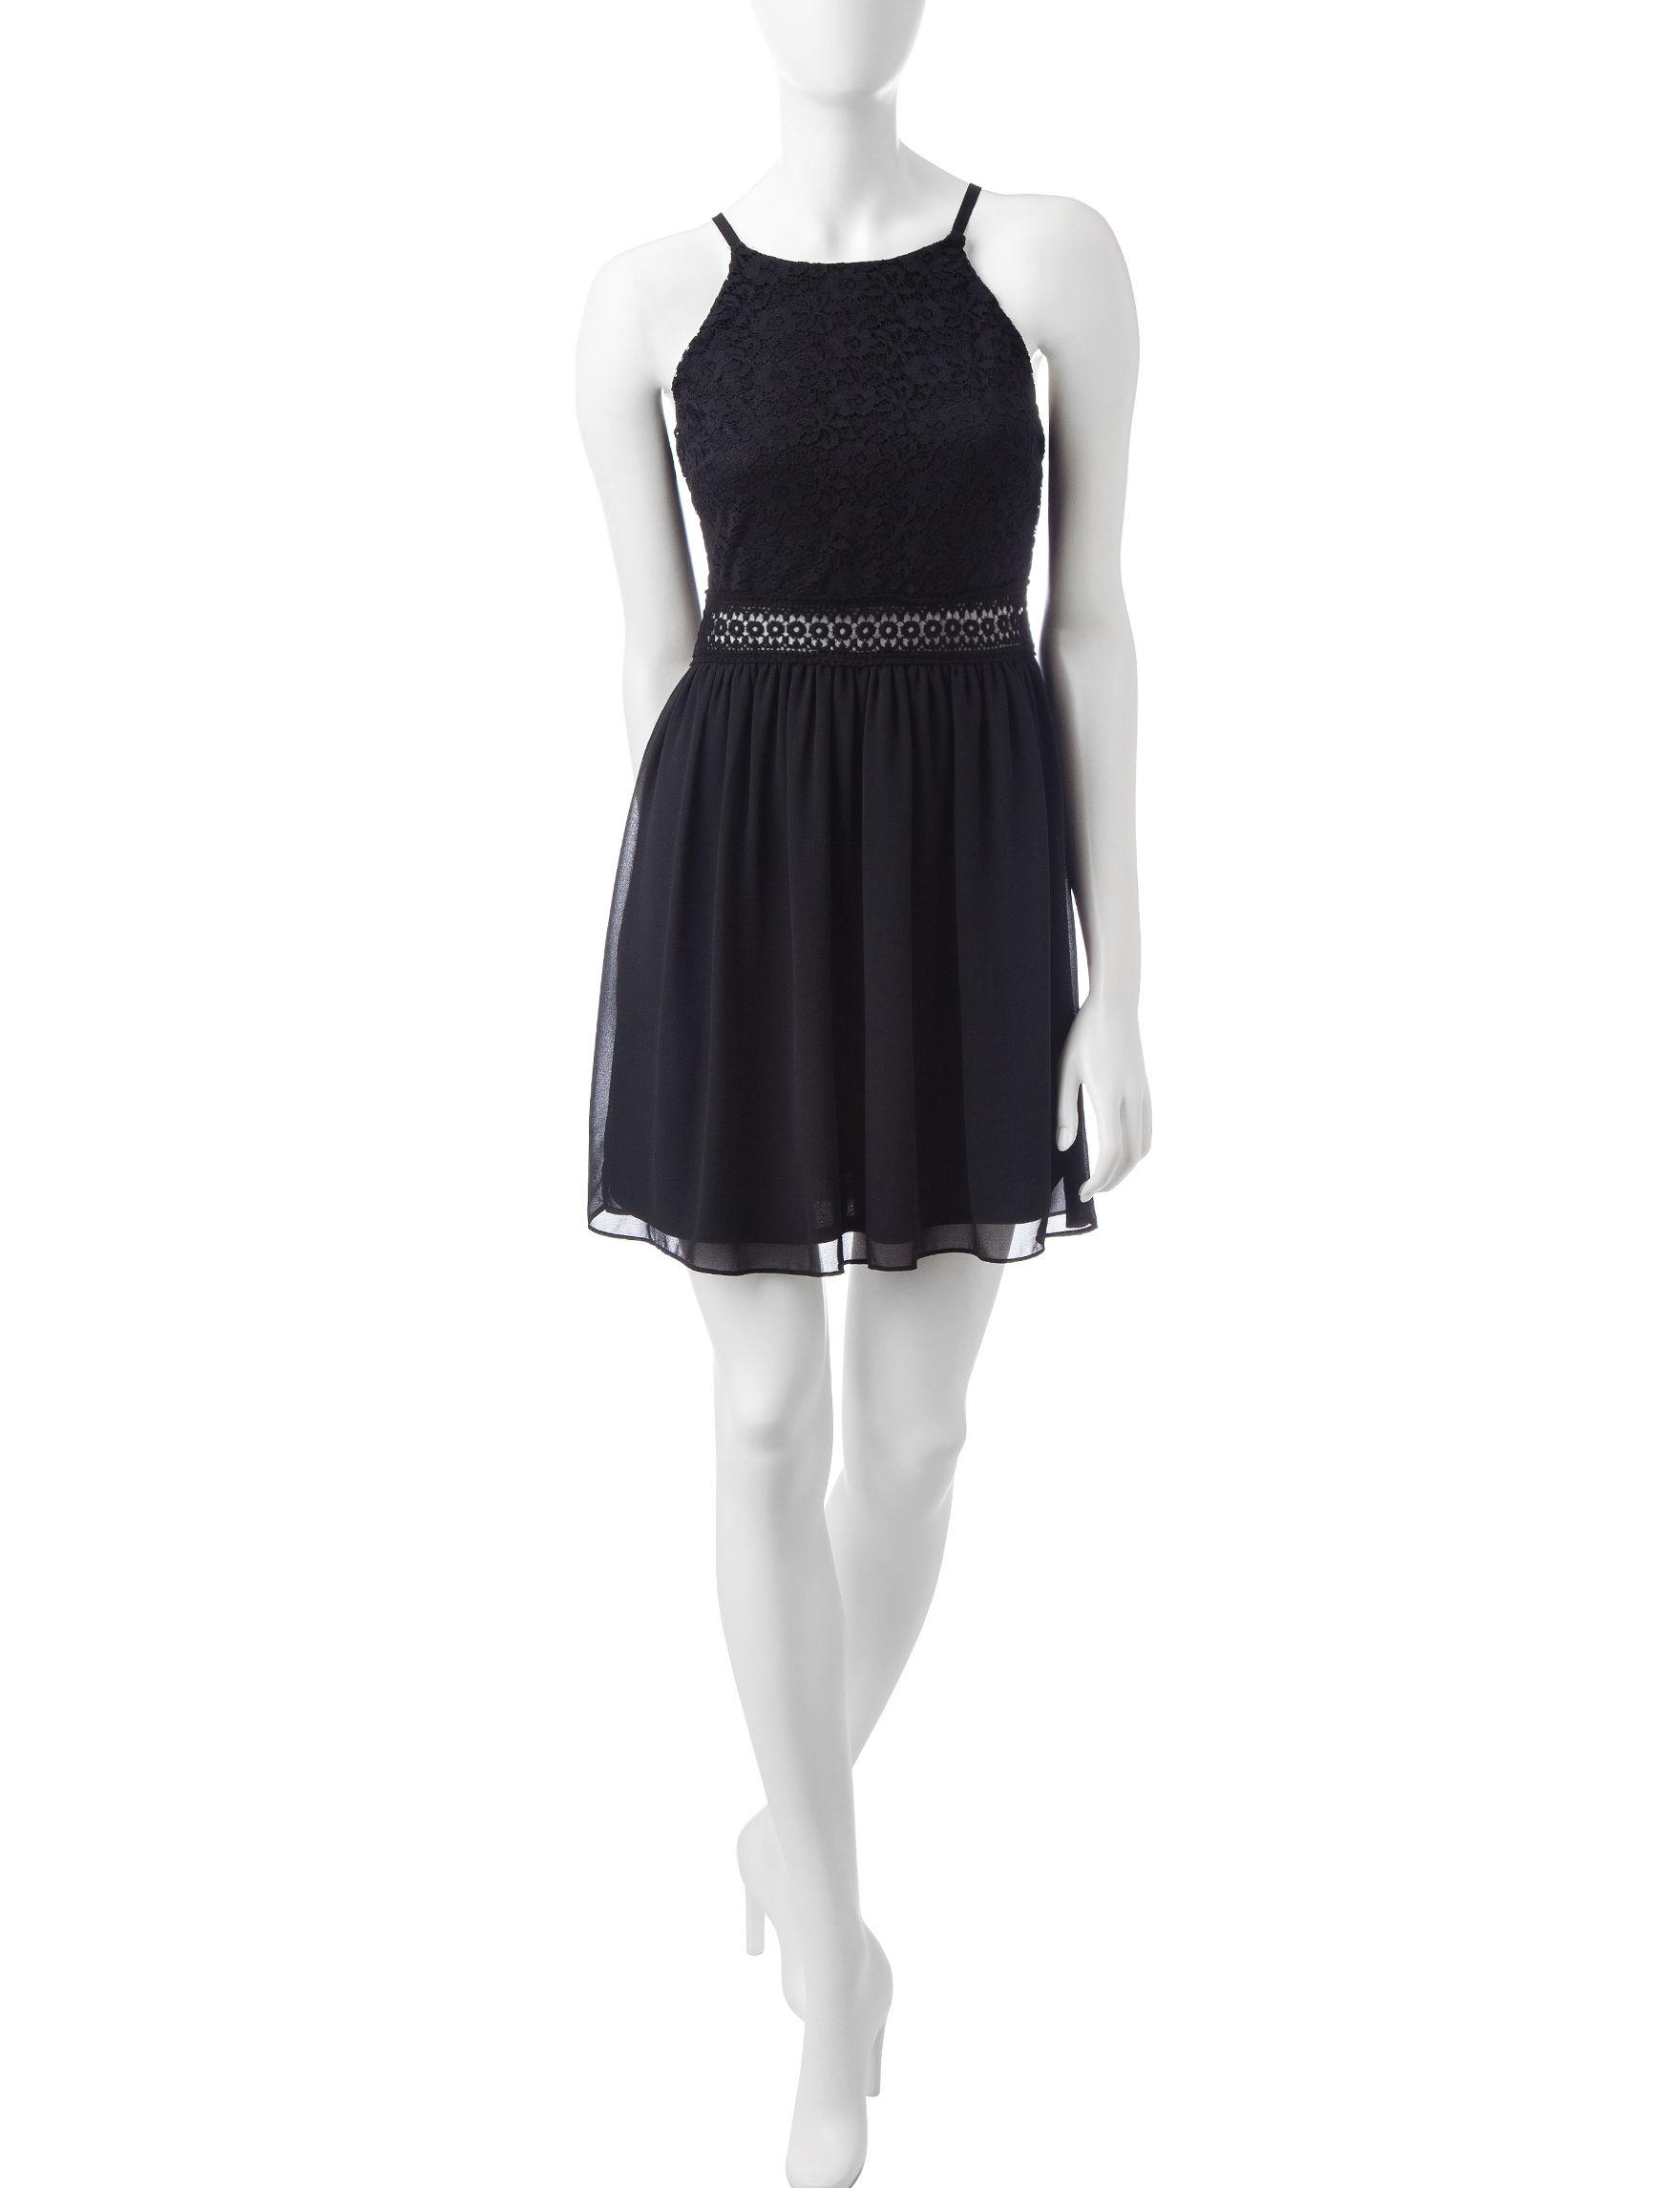 A. Byer Black Shift Dresses